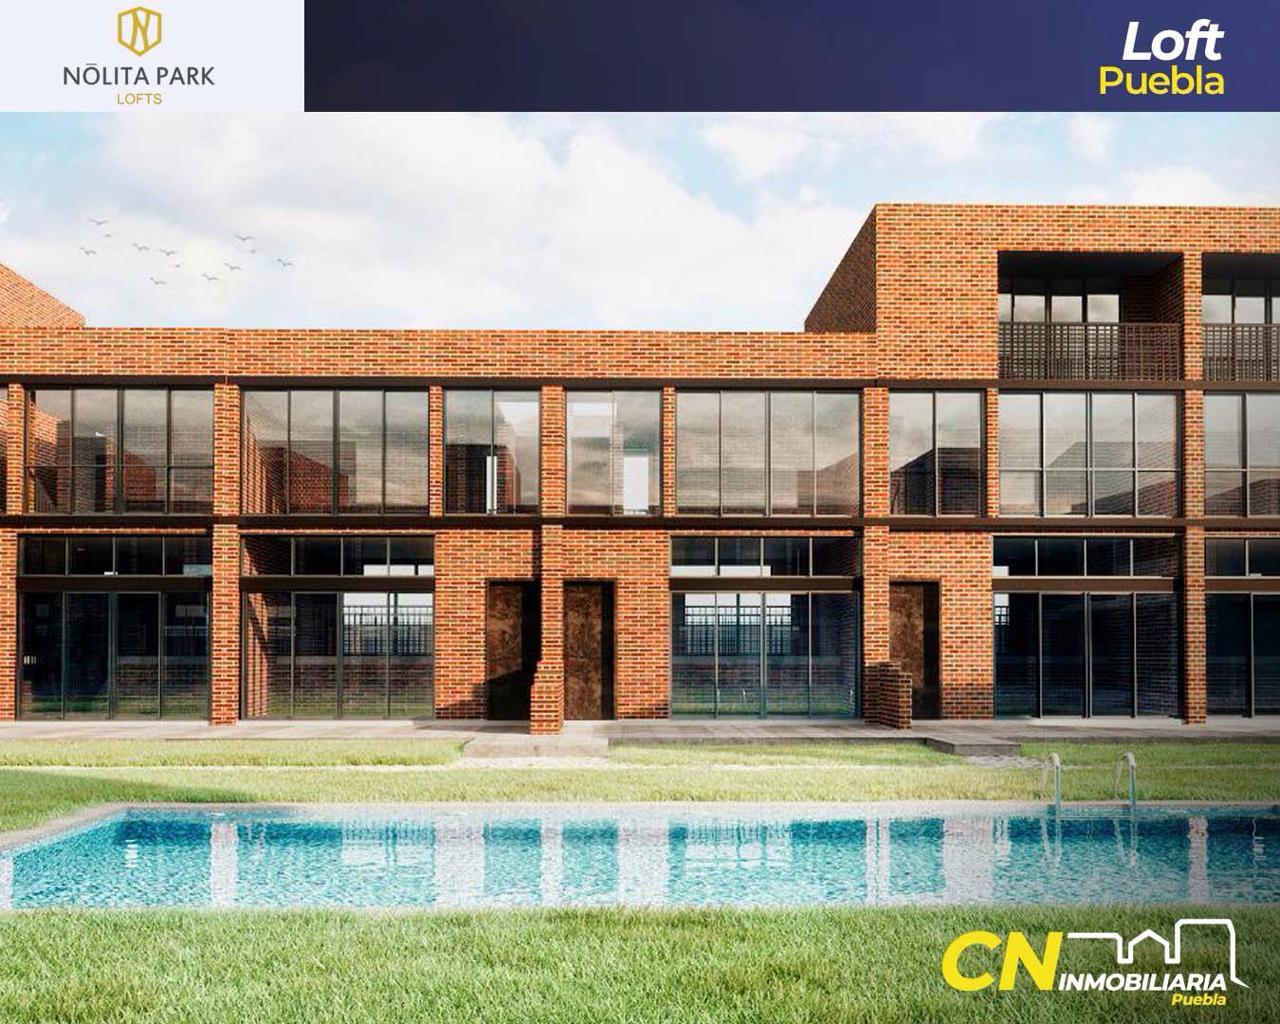 Toma nota: Razones para comprar hoy una casa con CN Inmobiliaria